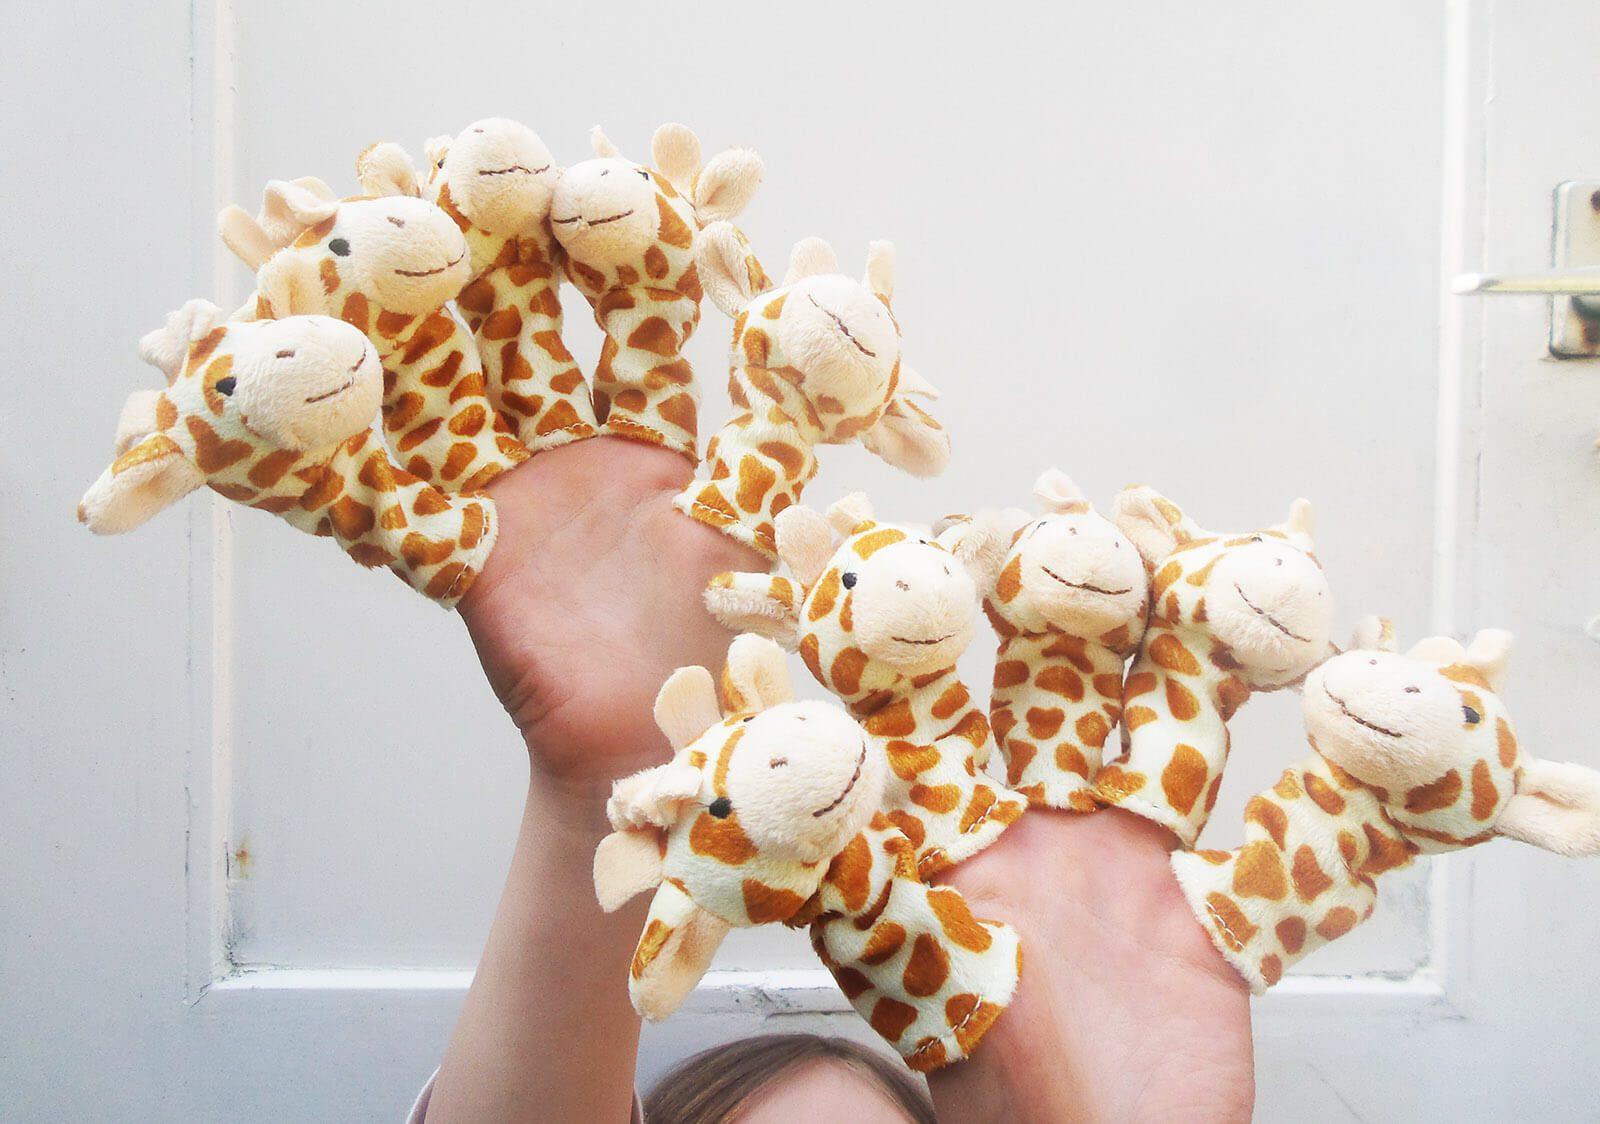 kinderhanden met 10 giraf vingerpopjes